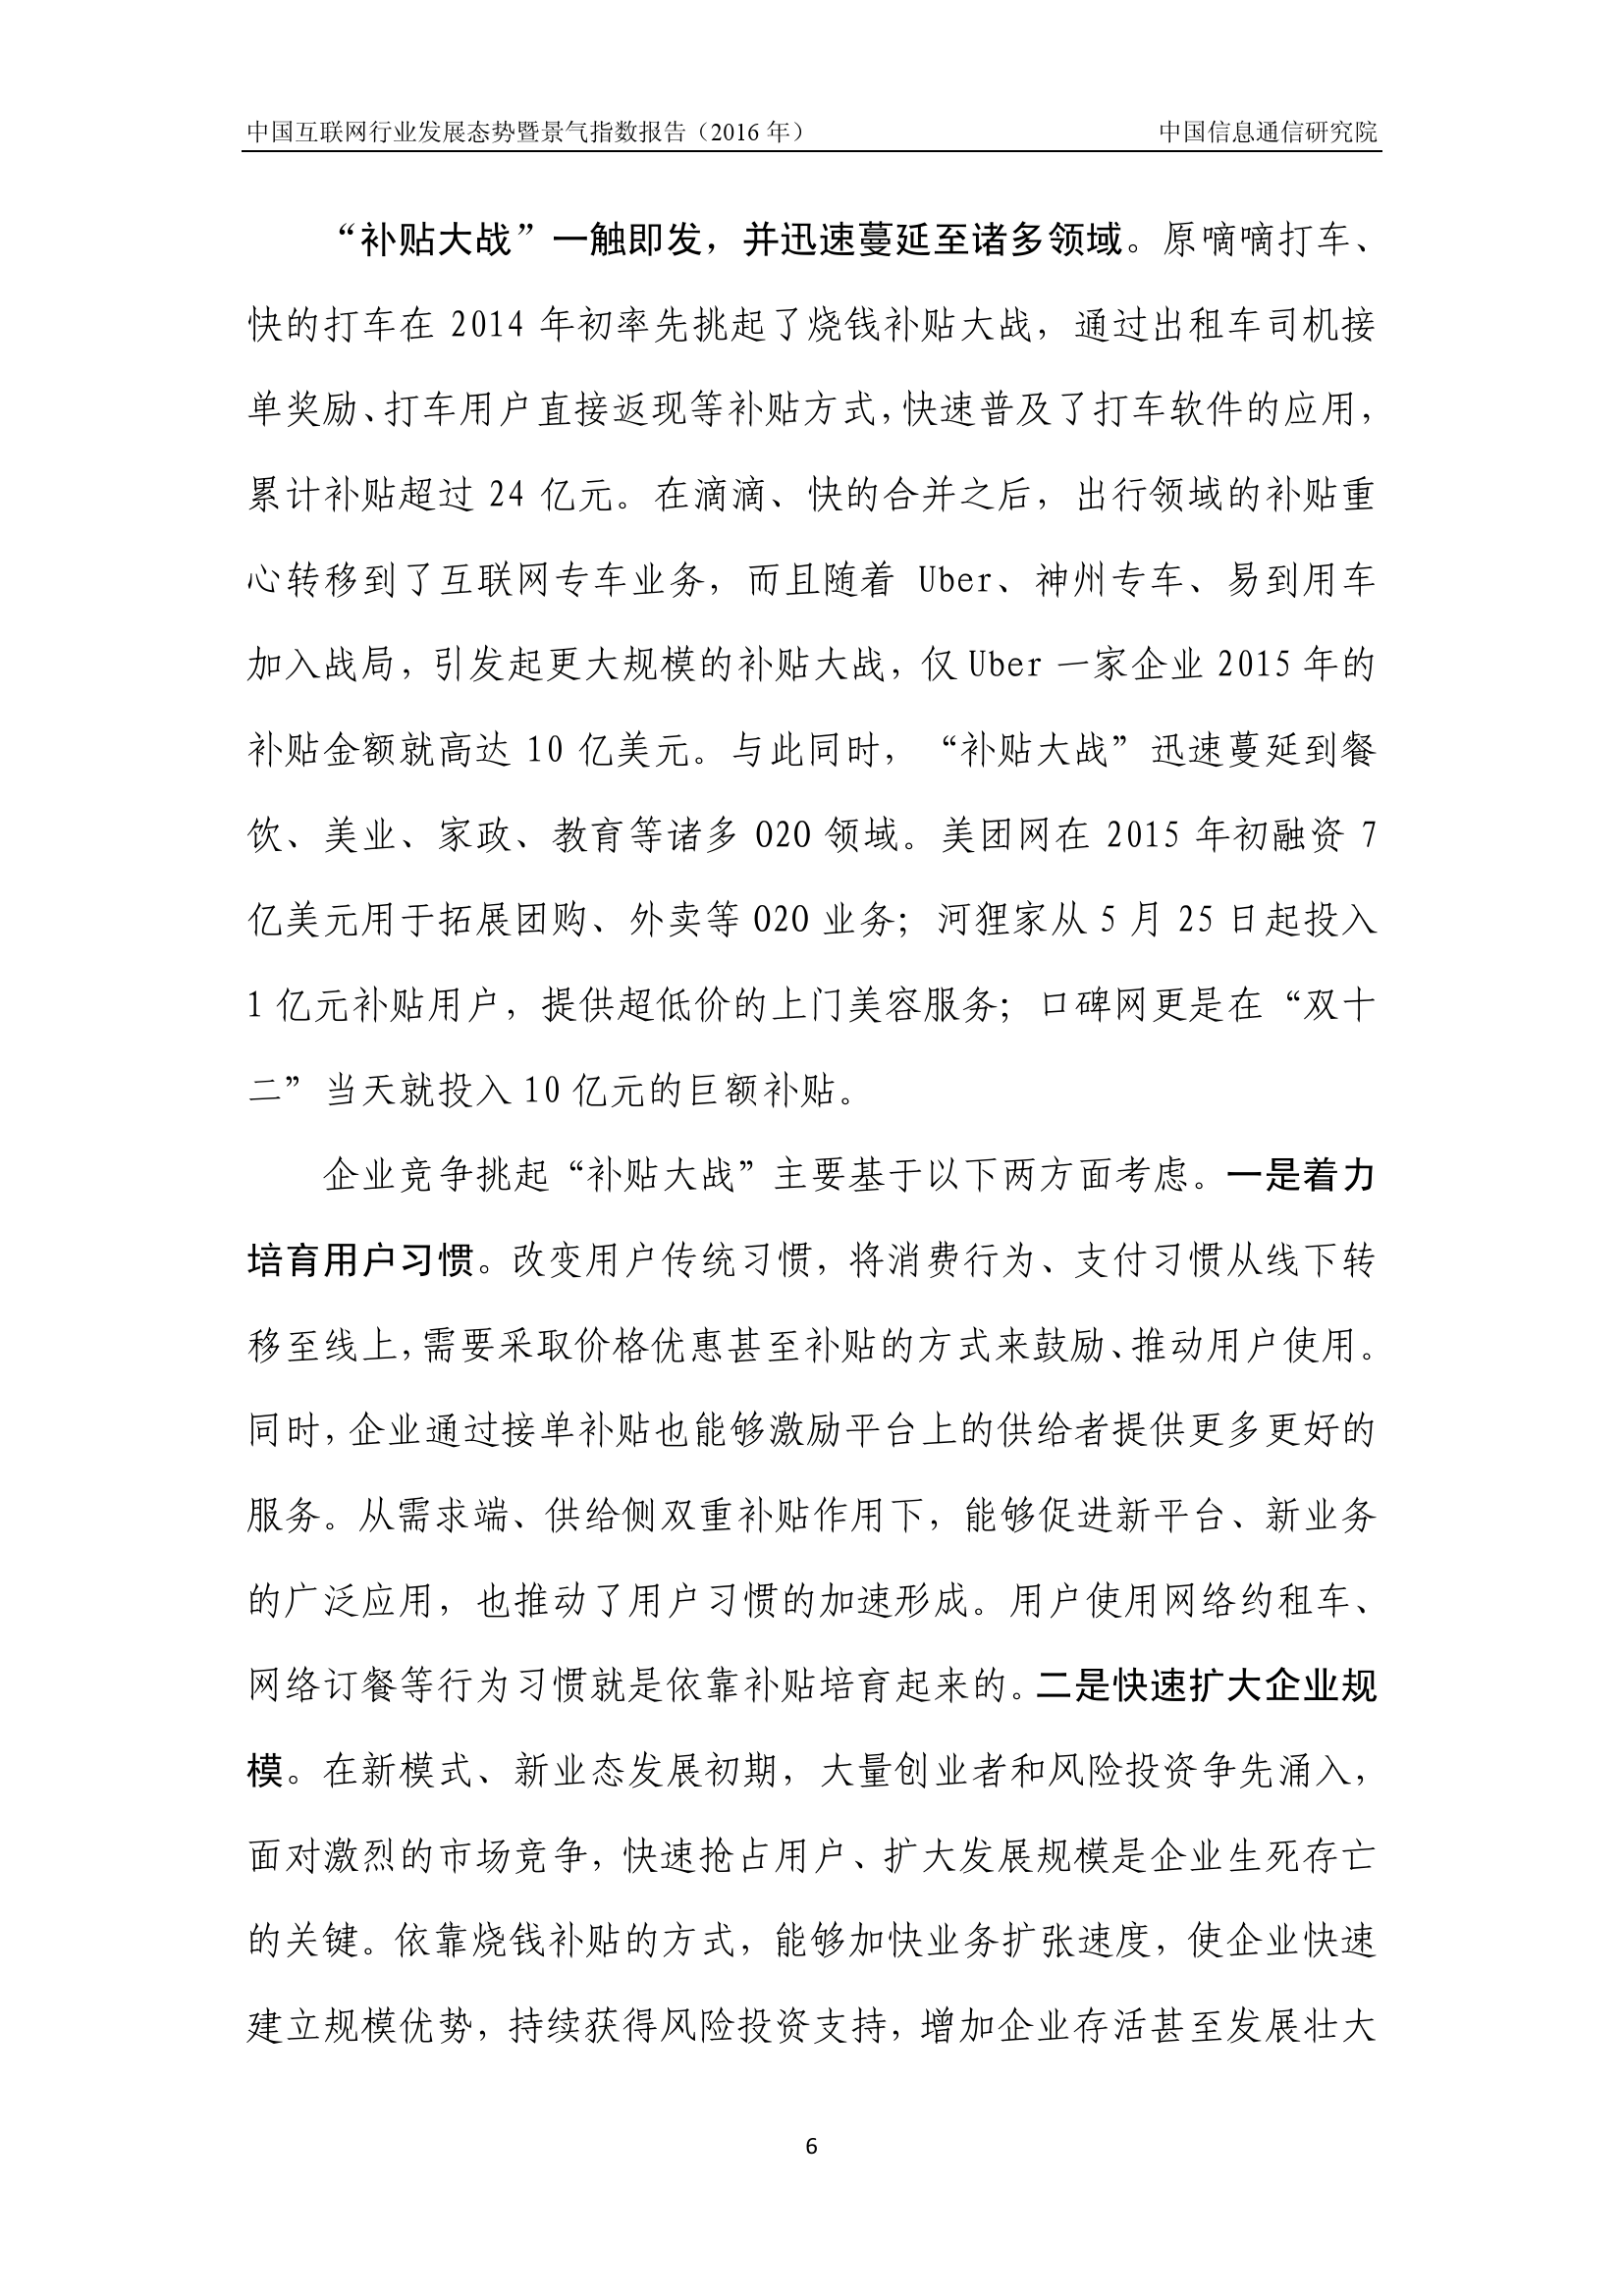 2016年中国互联网行业发展态势暨景气指数报告_000010